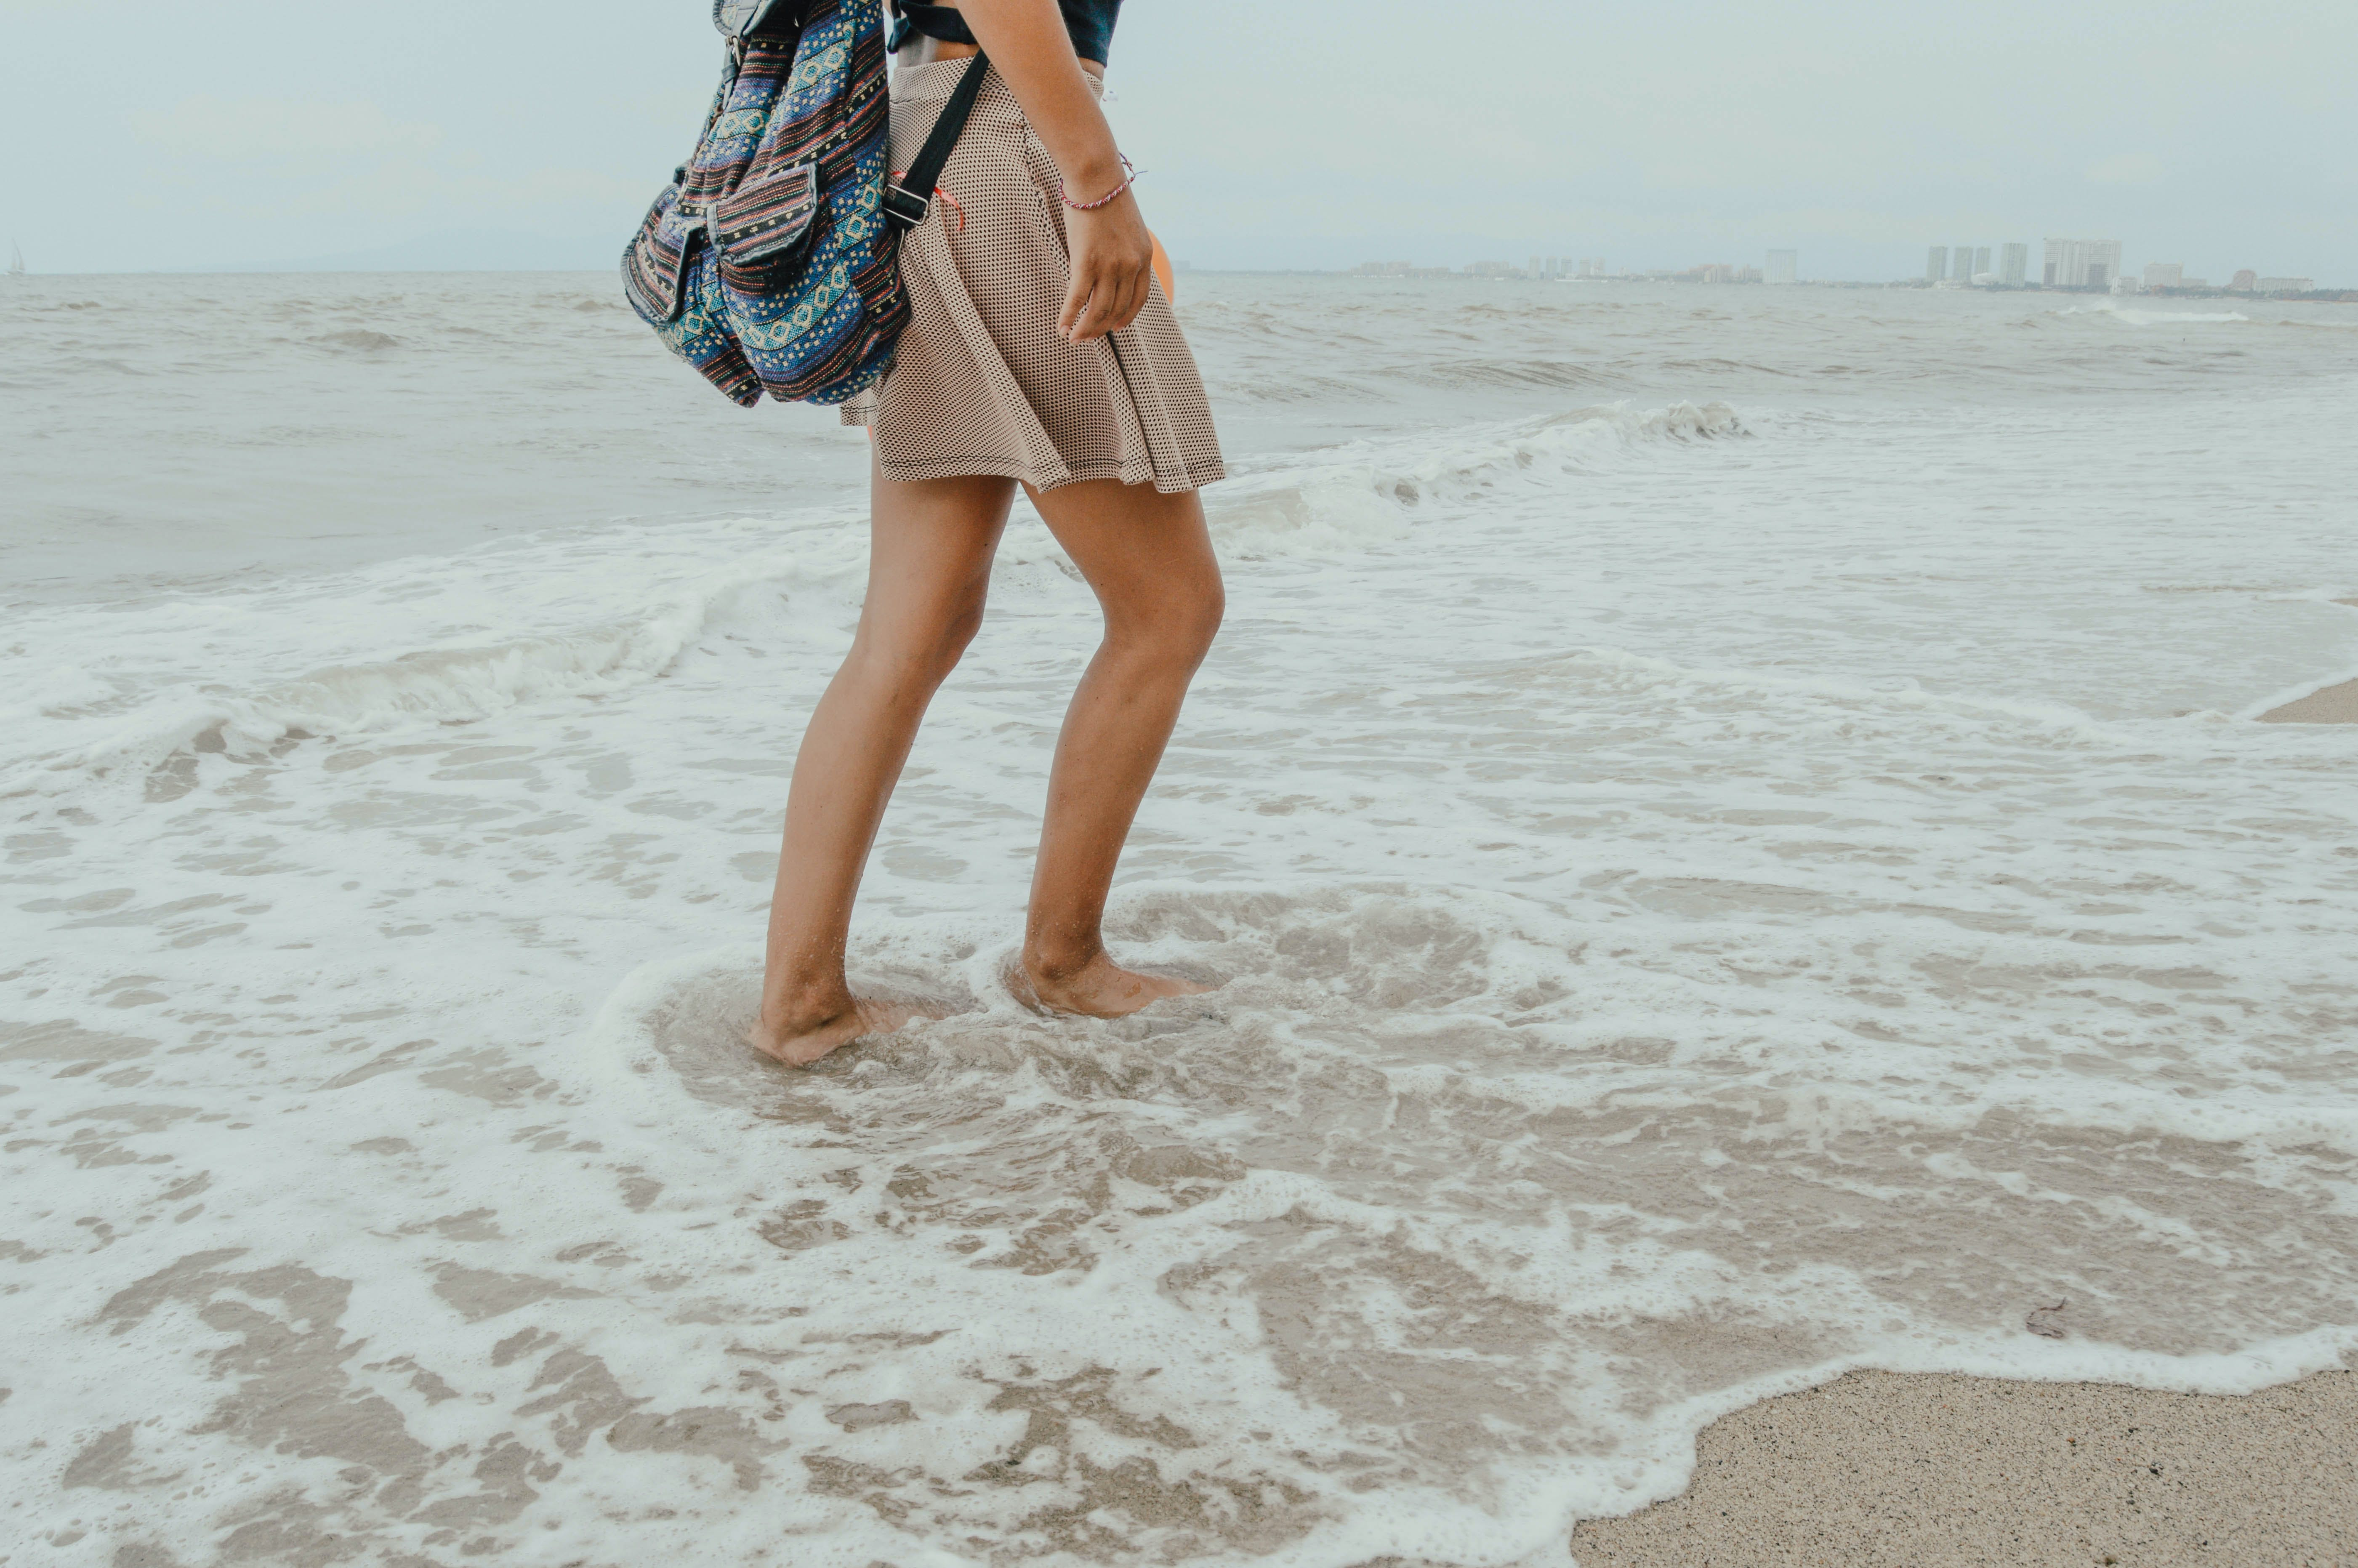 Gratis stockfoto met backpack, bij de oceaan, eigen tijd, golven